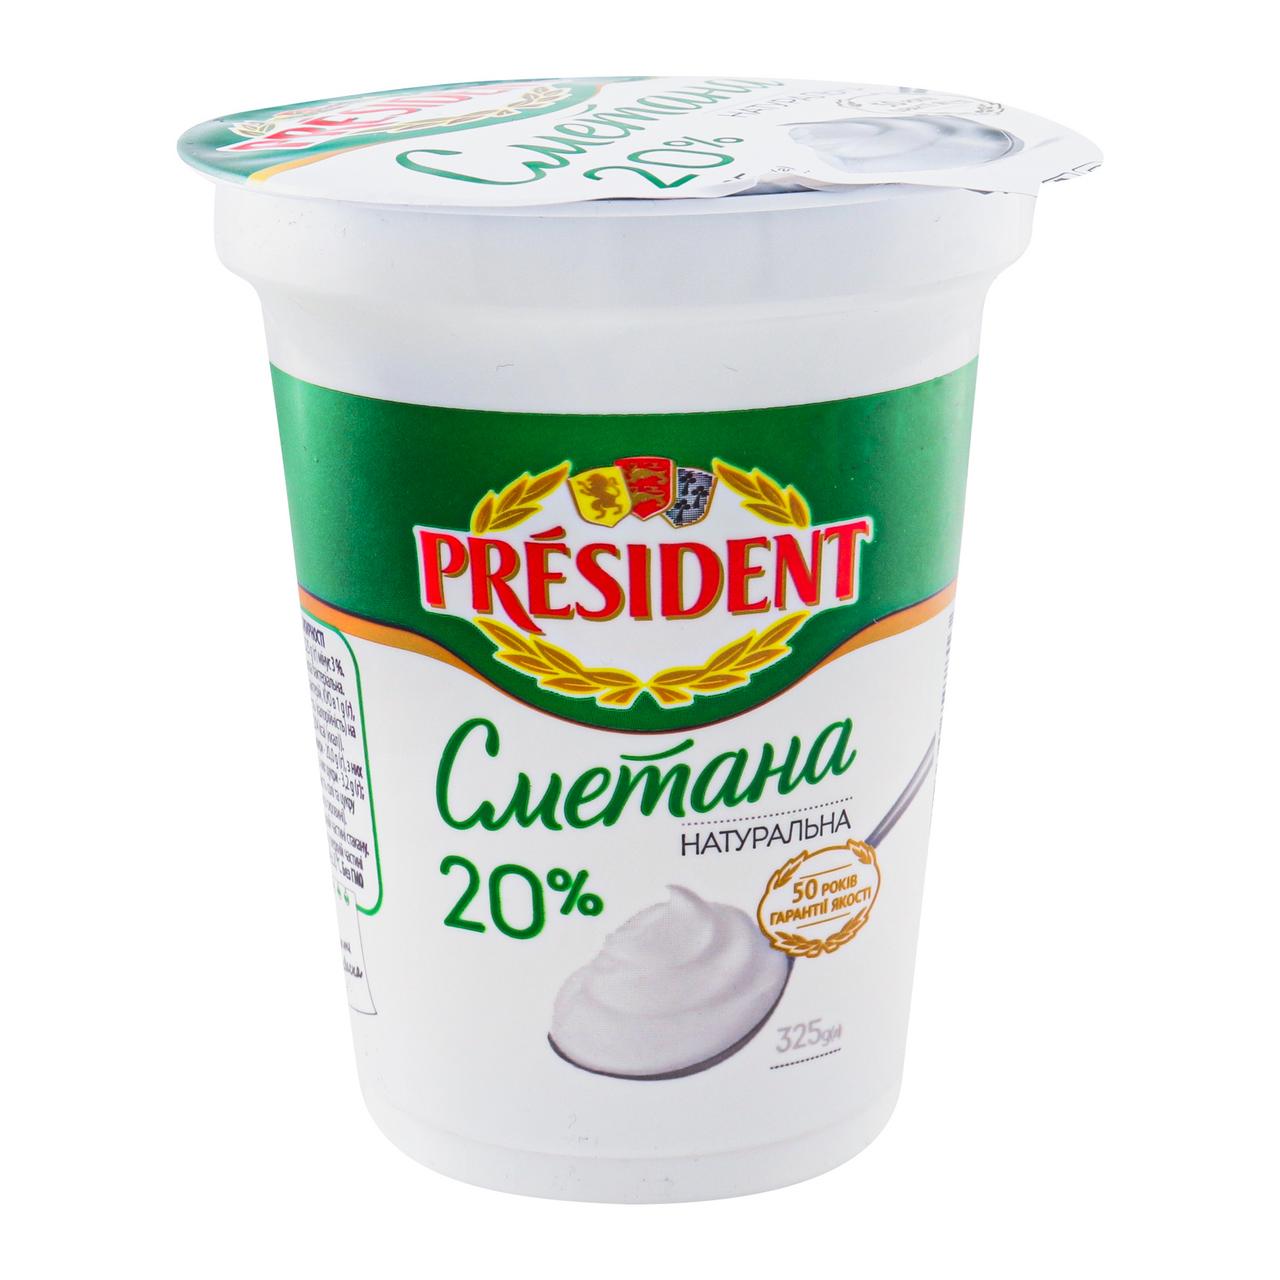 Сметана President 20% 325г